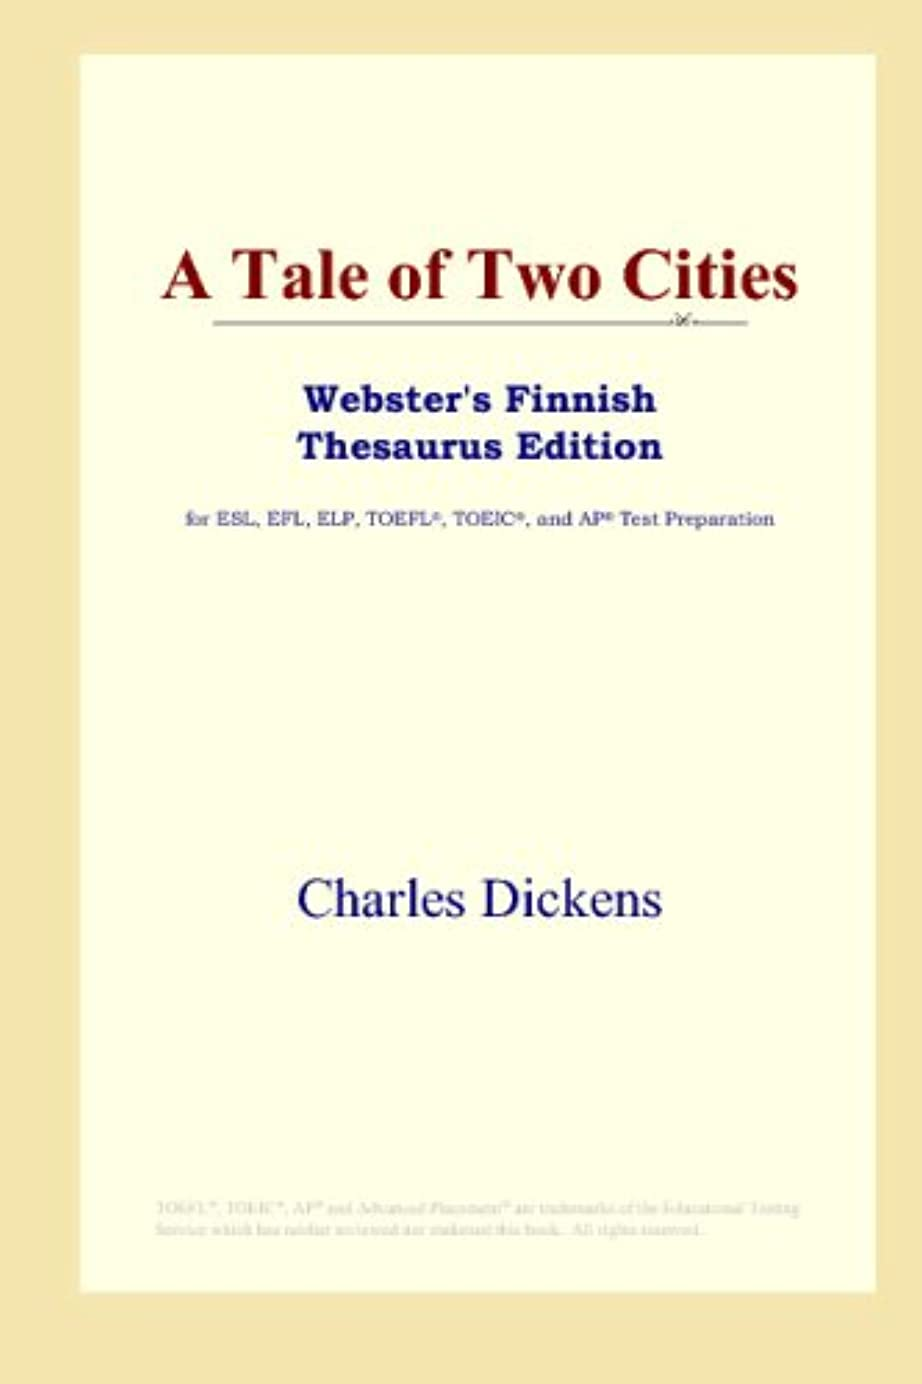 認識ゾーンとA Tale of Two Cities (Webster's Finnish Thesaurus Edition)